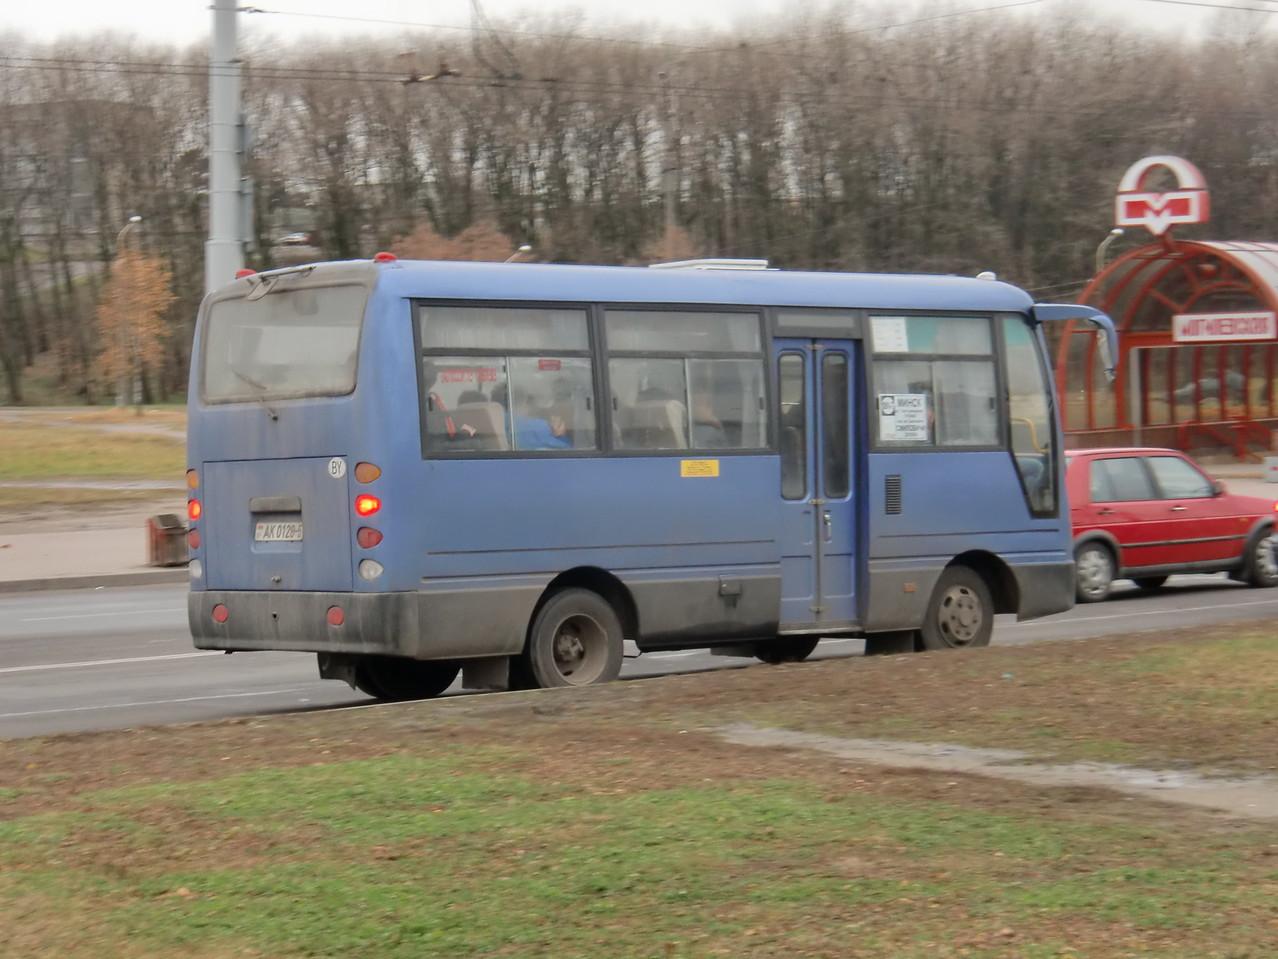 """""""Чистокровные китайцы"""" - большая редкость для Беларуси ввиду жесткой политики в сфере безопасности пассажирских перевозок"""